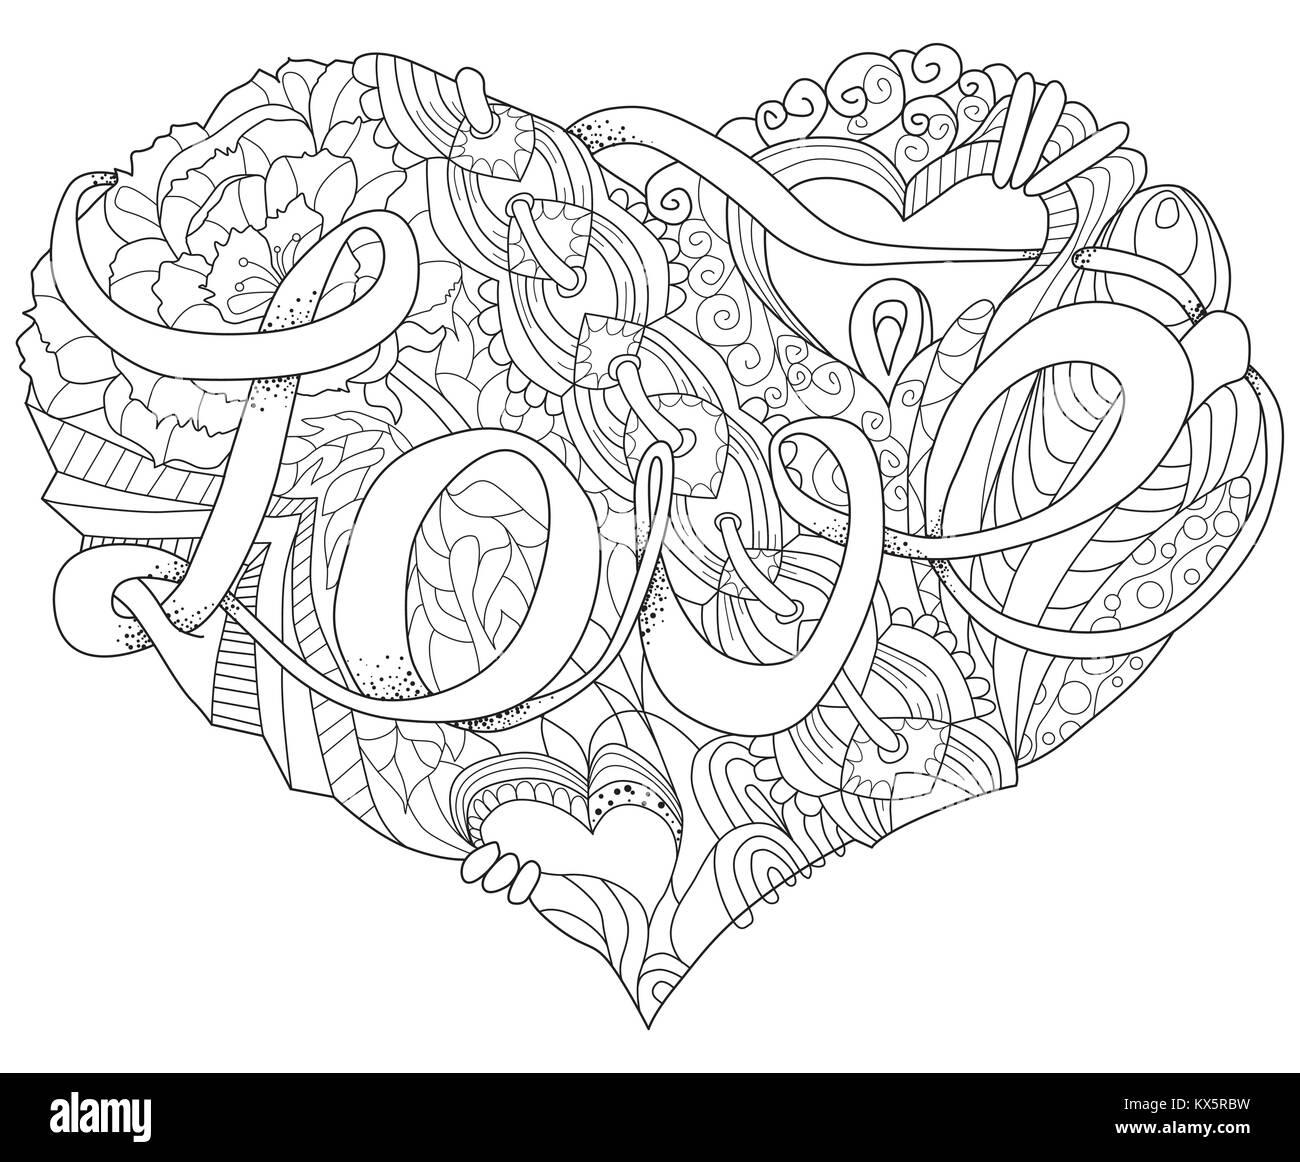 Coloriage Adulte Coeur.Livre De Coloriage Adultes Vecteur De Textures La Conception De L